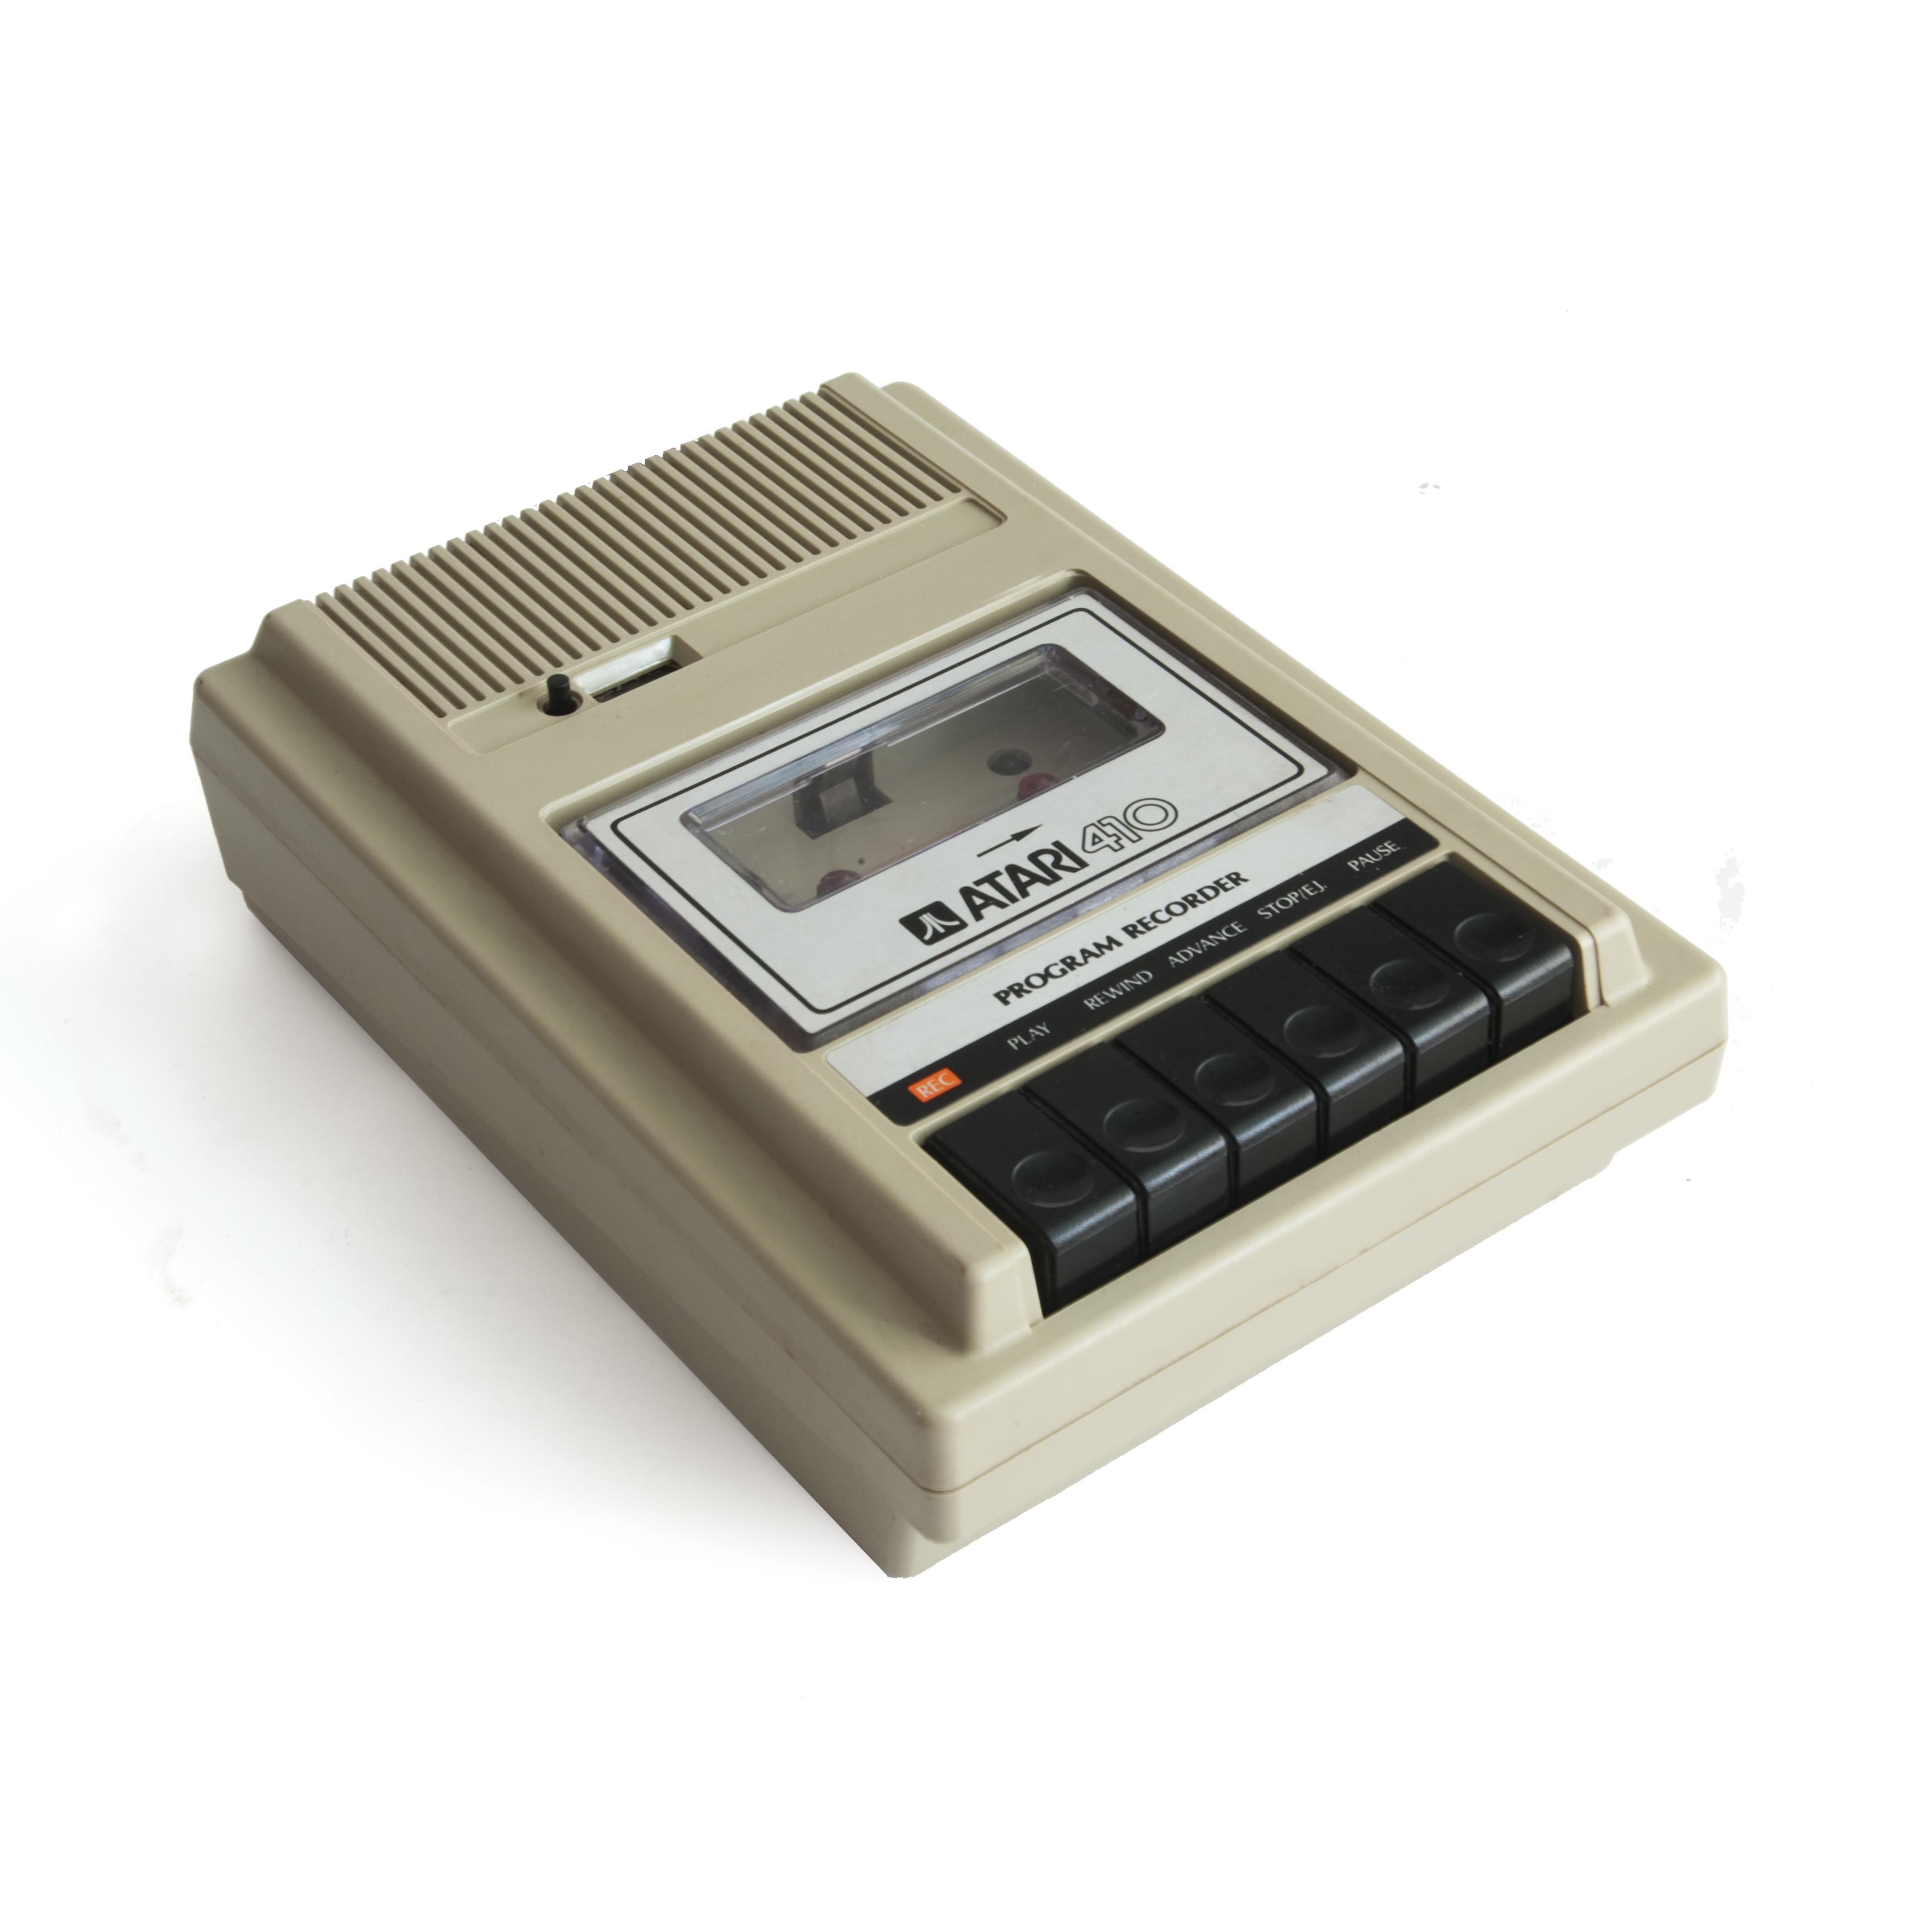 цифровой магнитофон своими руками